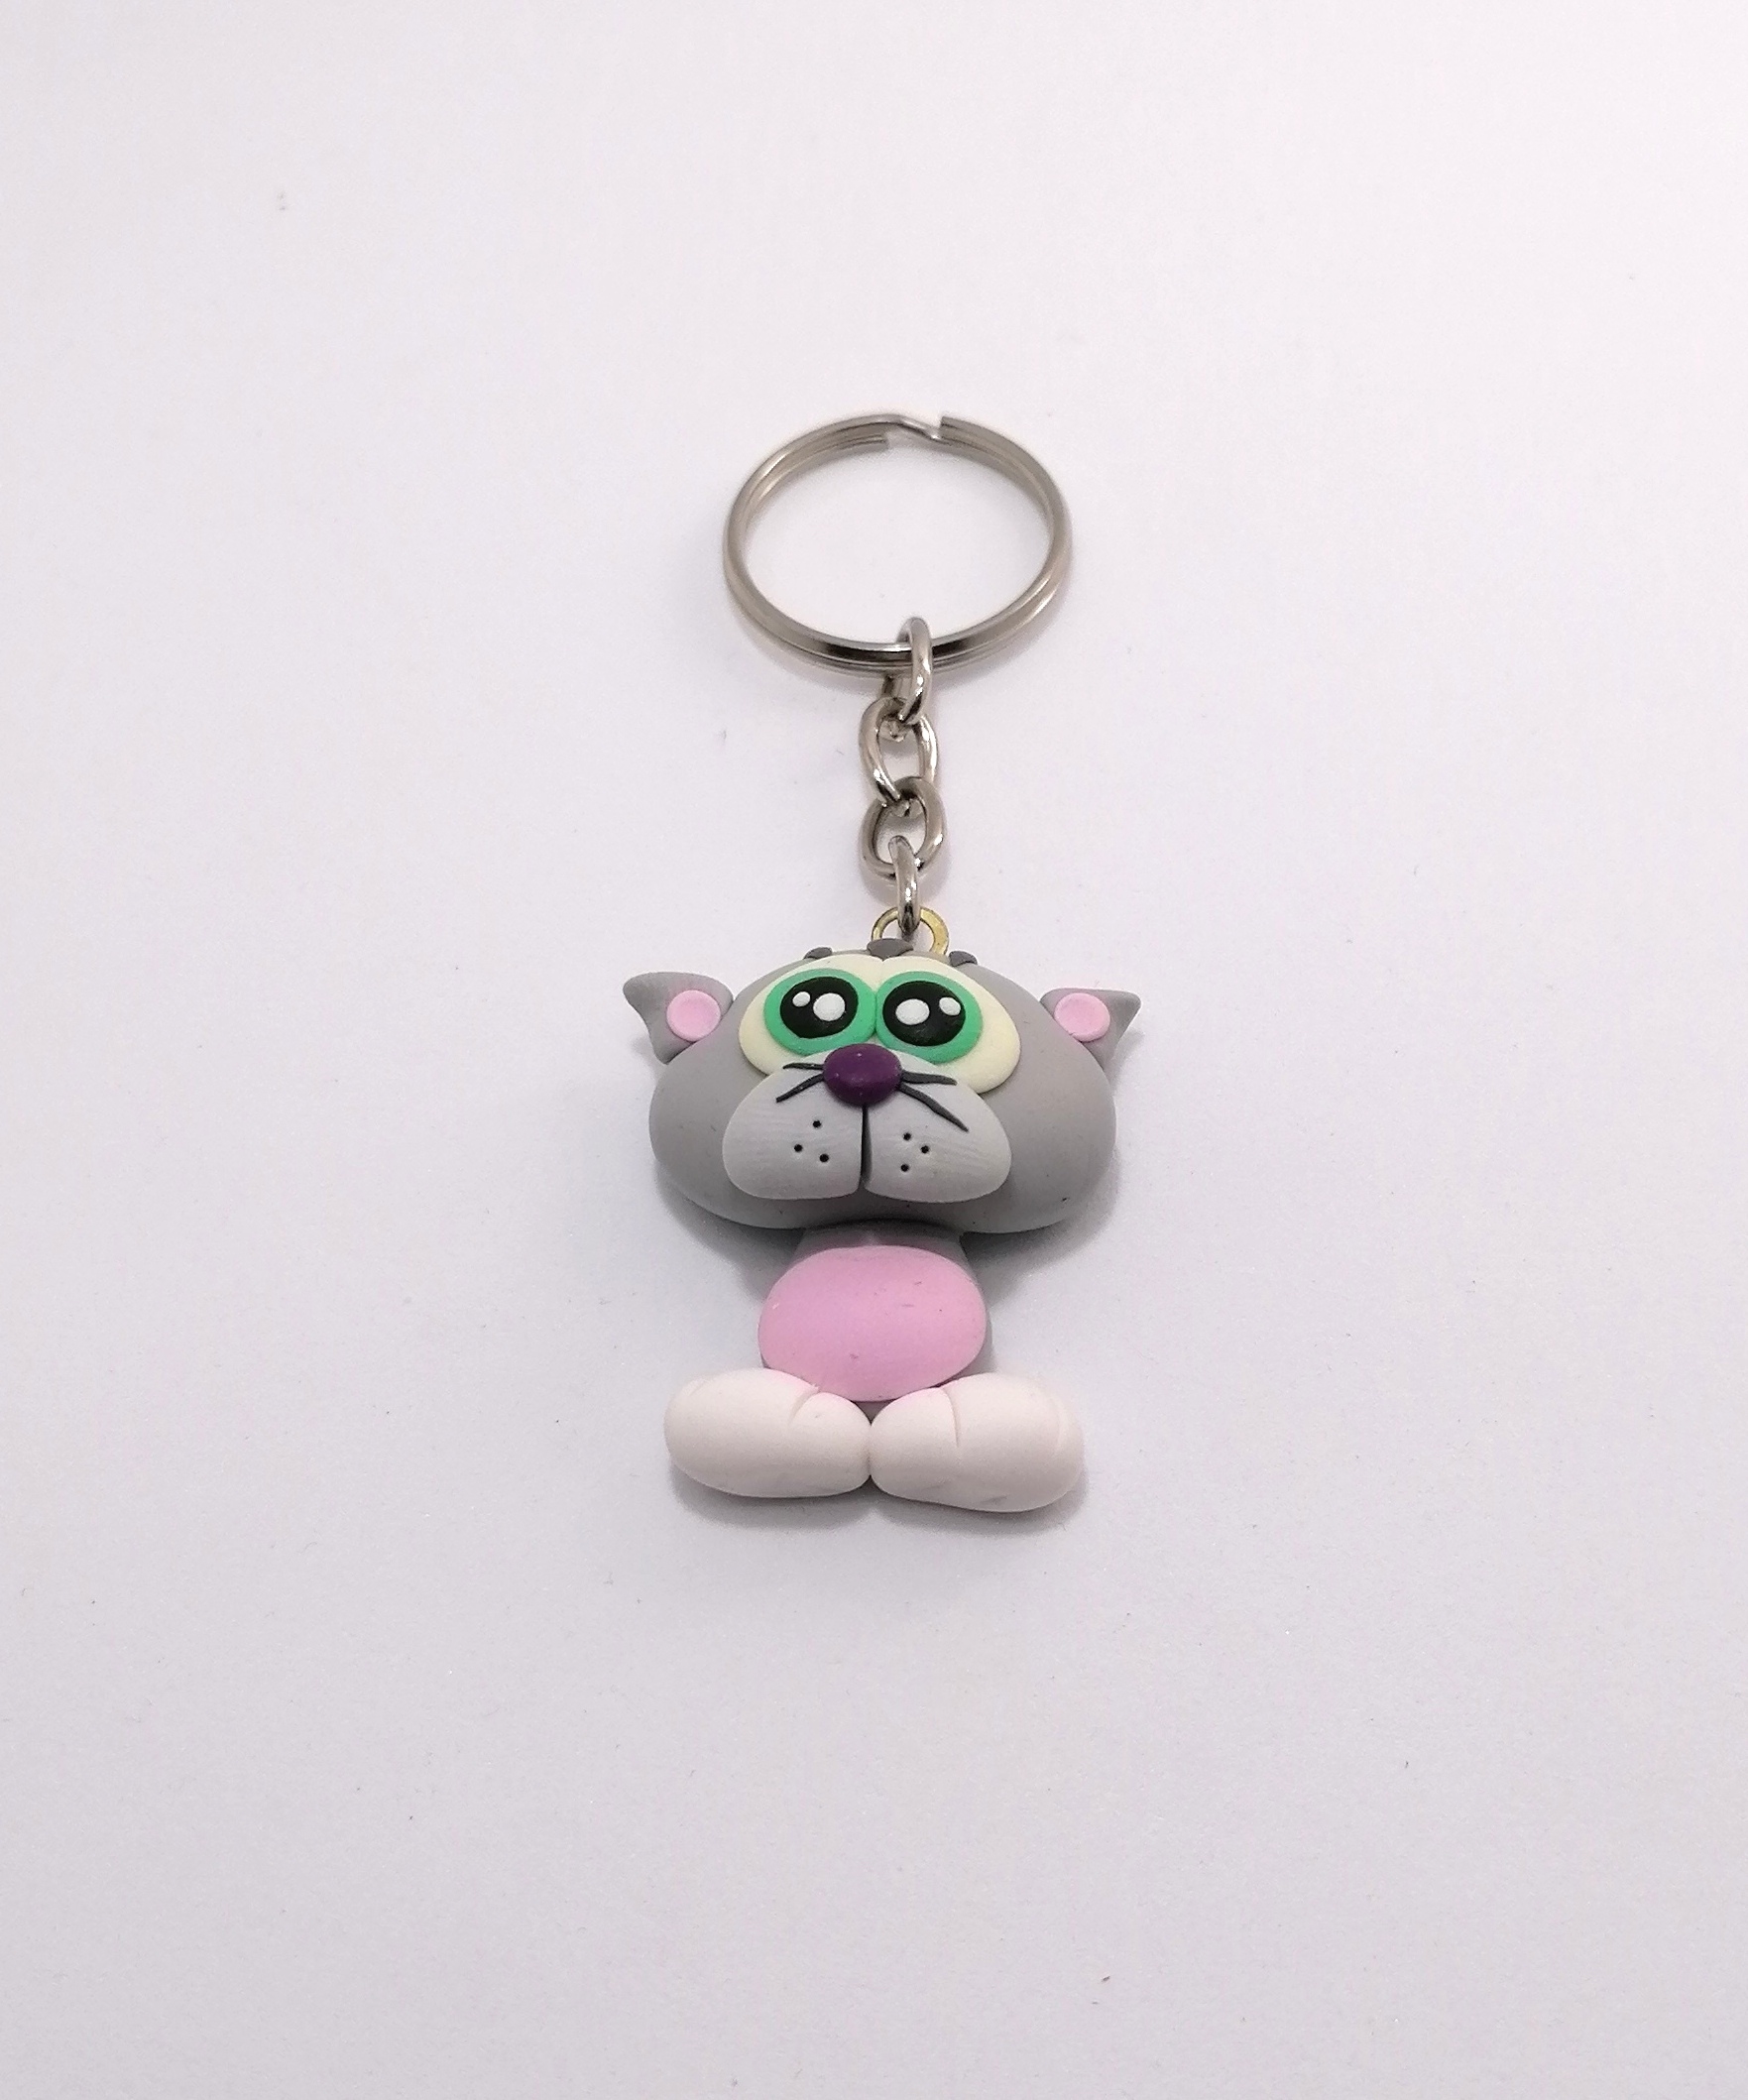 zoo portach catcute1